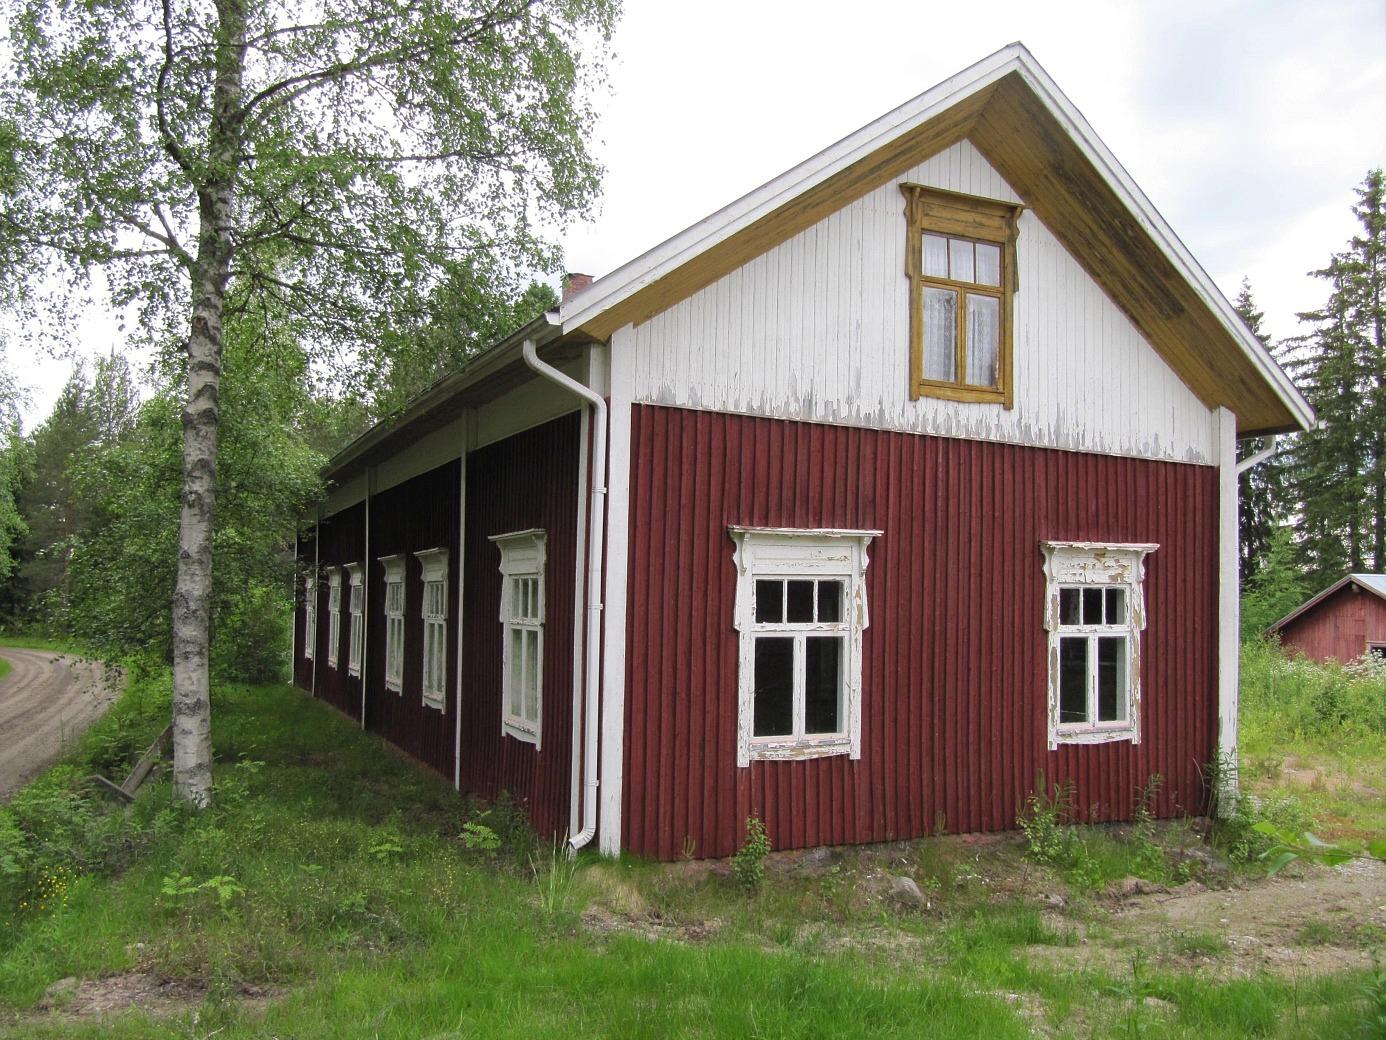 Ännu år 2012 var gården rak och stilig, vilket tyder på ett välbyggt hus. Men så var ju Josip också känd som en noggrann snickare och byggare. Den nuvarande ägaren från Kristinestad har inga direkta planer för huset.